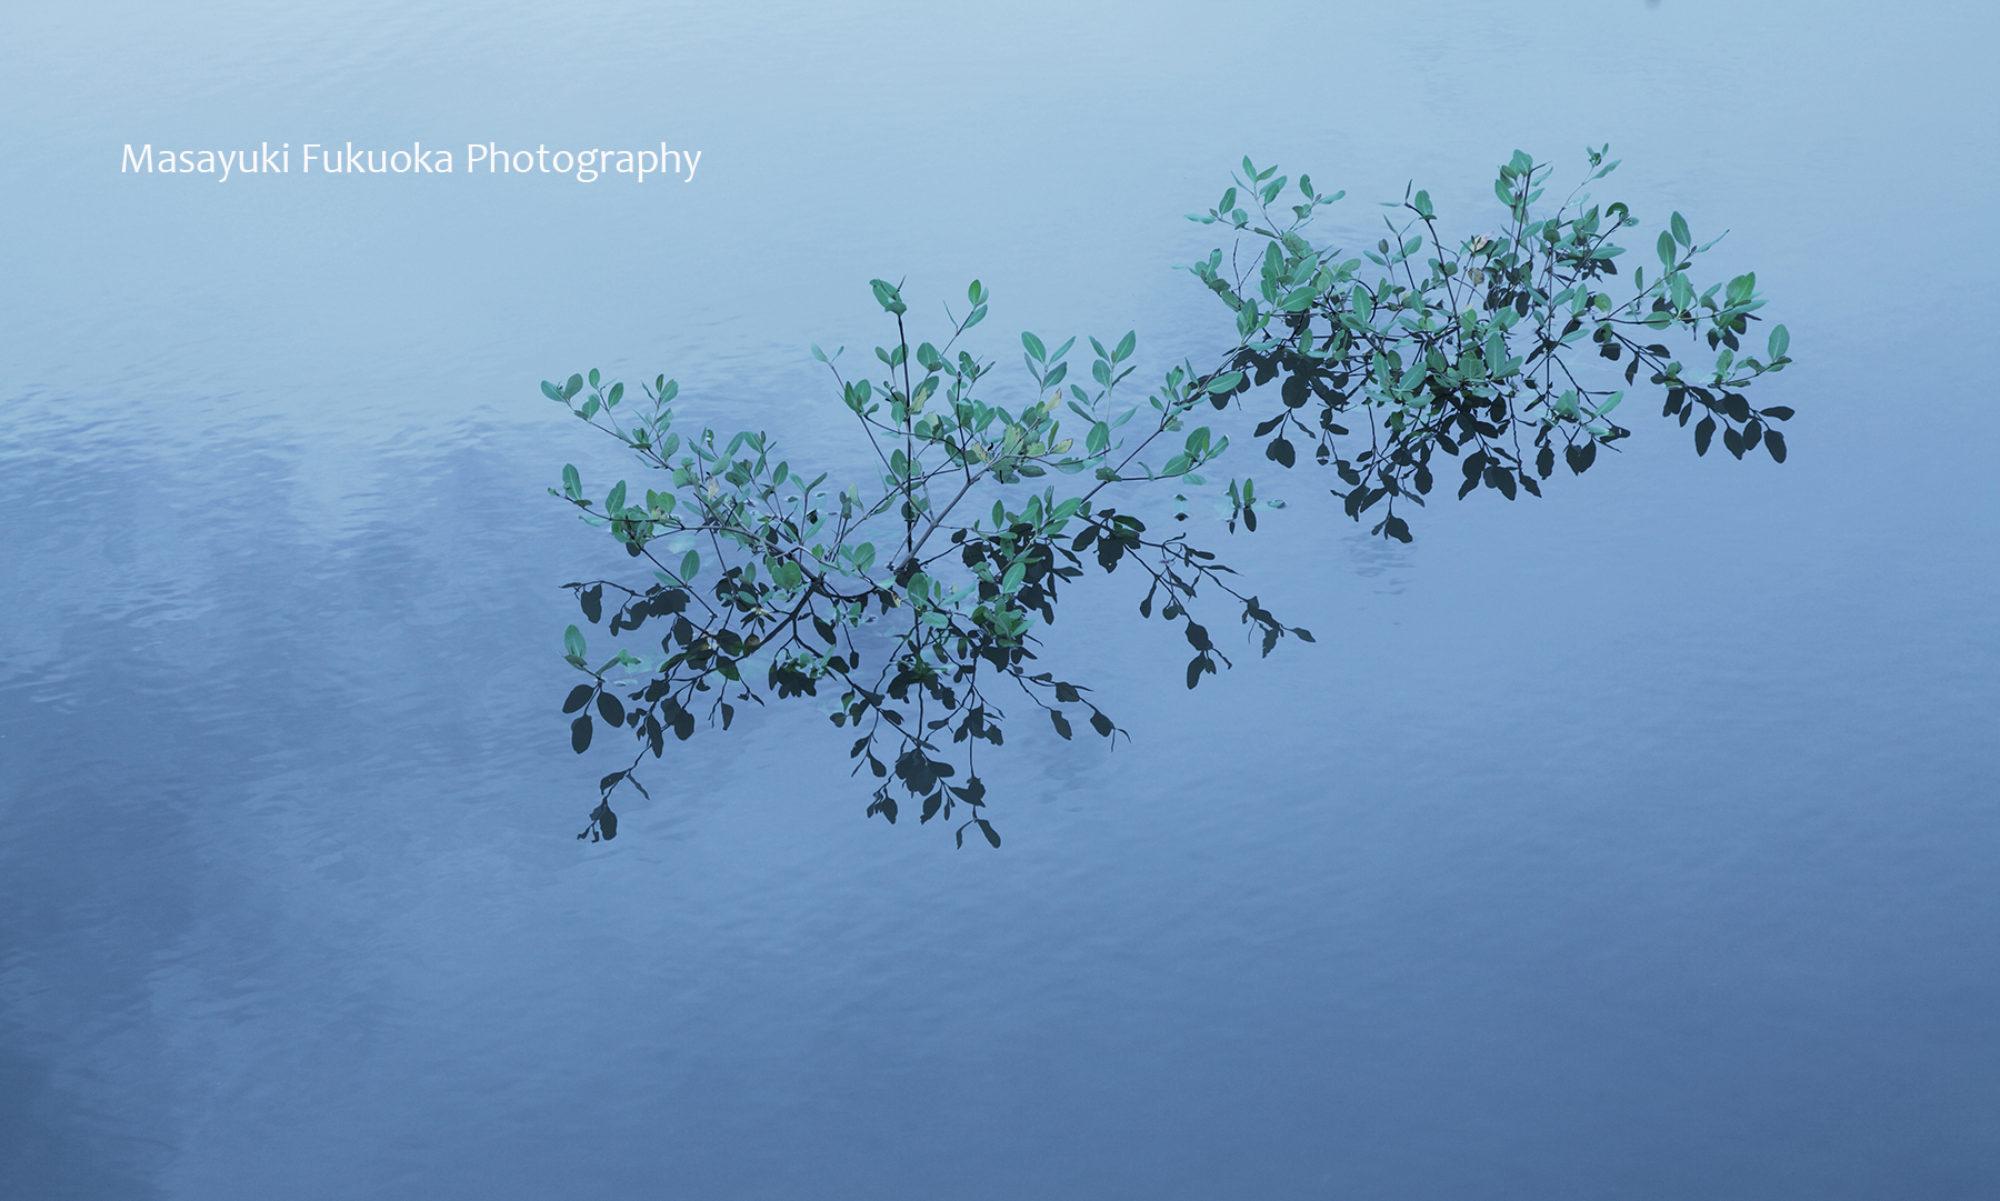 風景写真と花の写真 写真家・福岡将之 / Masayuki Fukuoka Photography